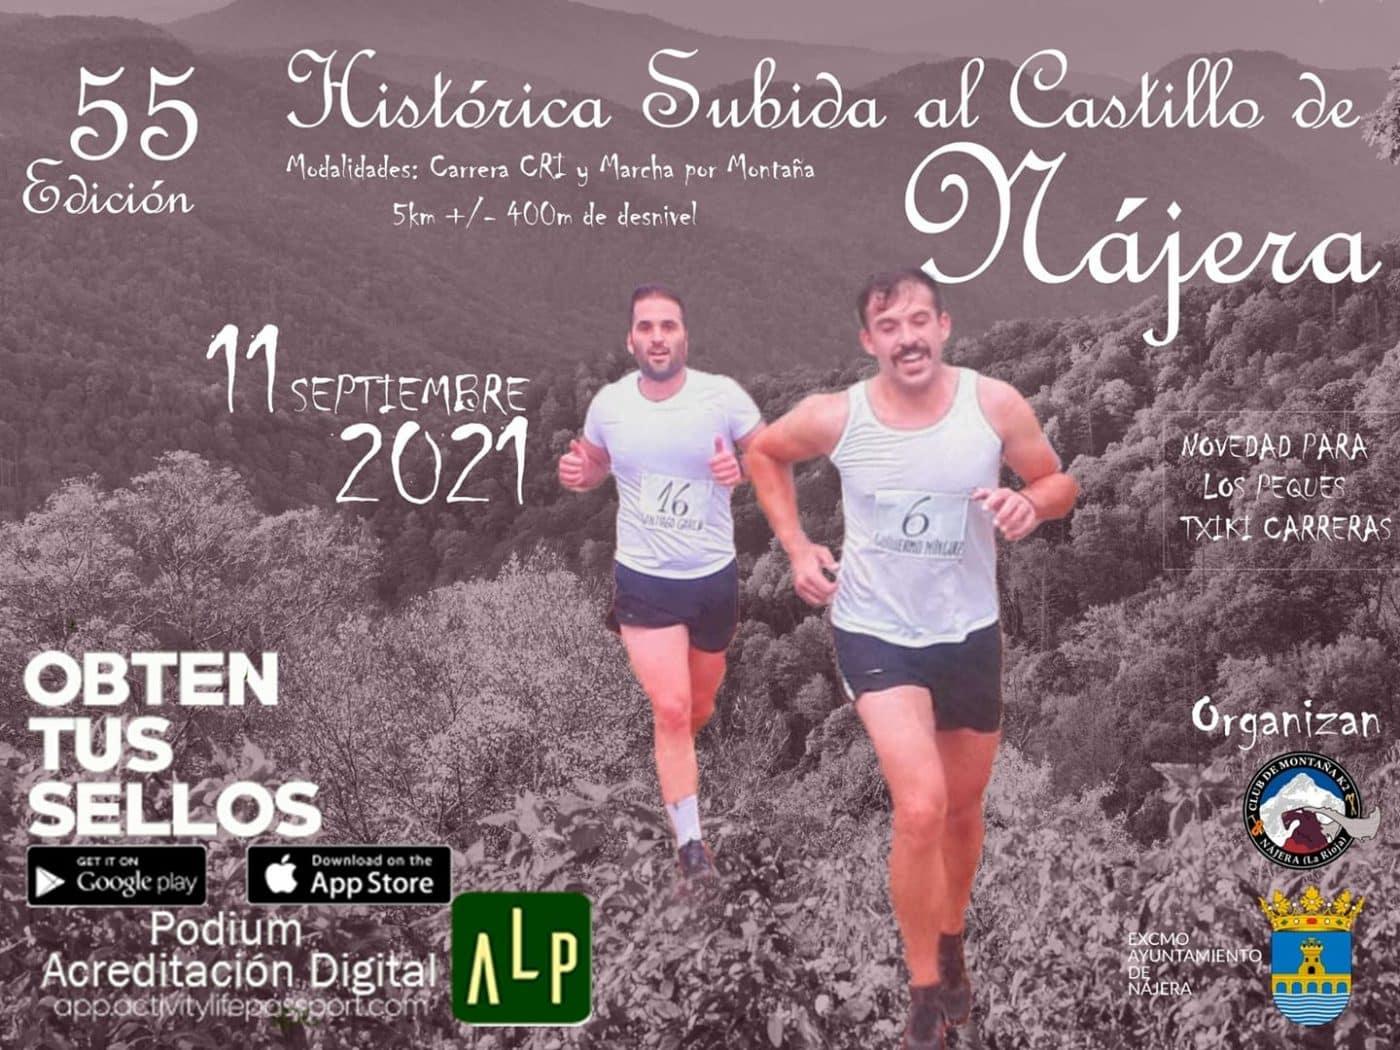 La Histórica Subida al Castillo de Nájera ya tiene fecha: 11 de septiembre 1